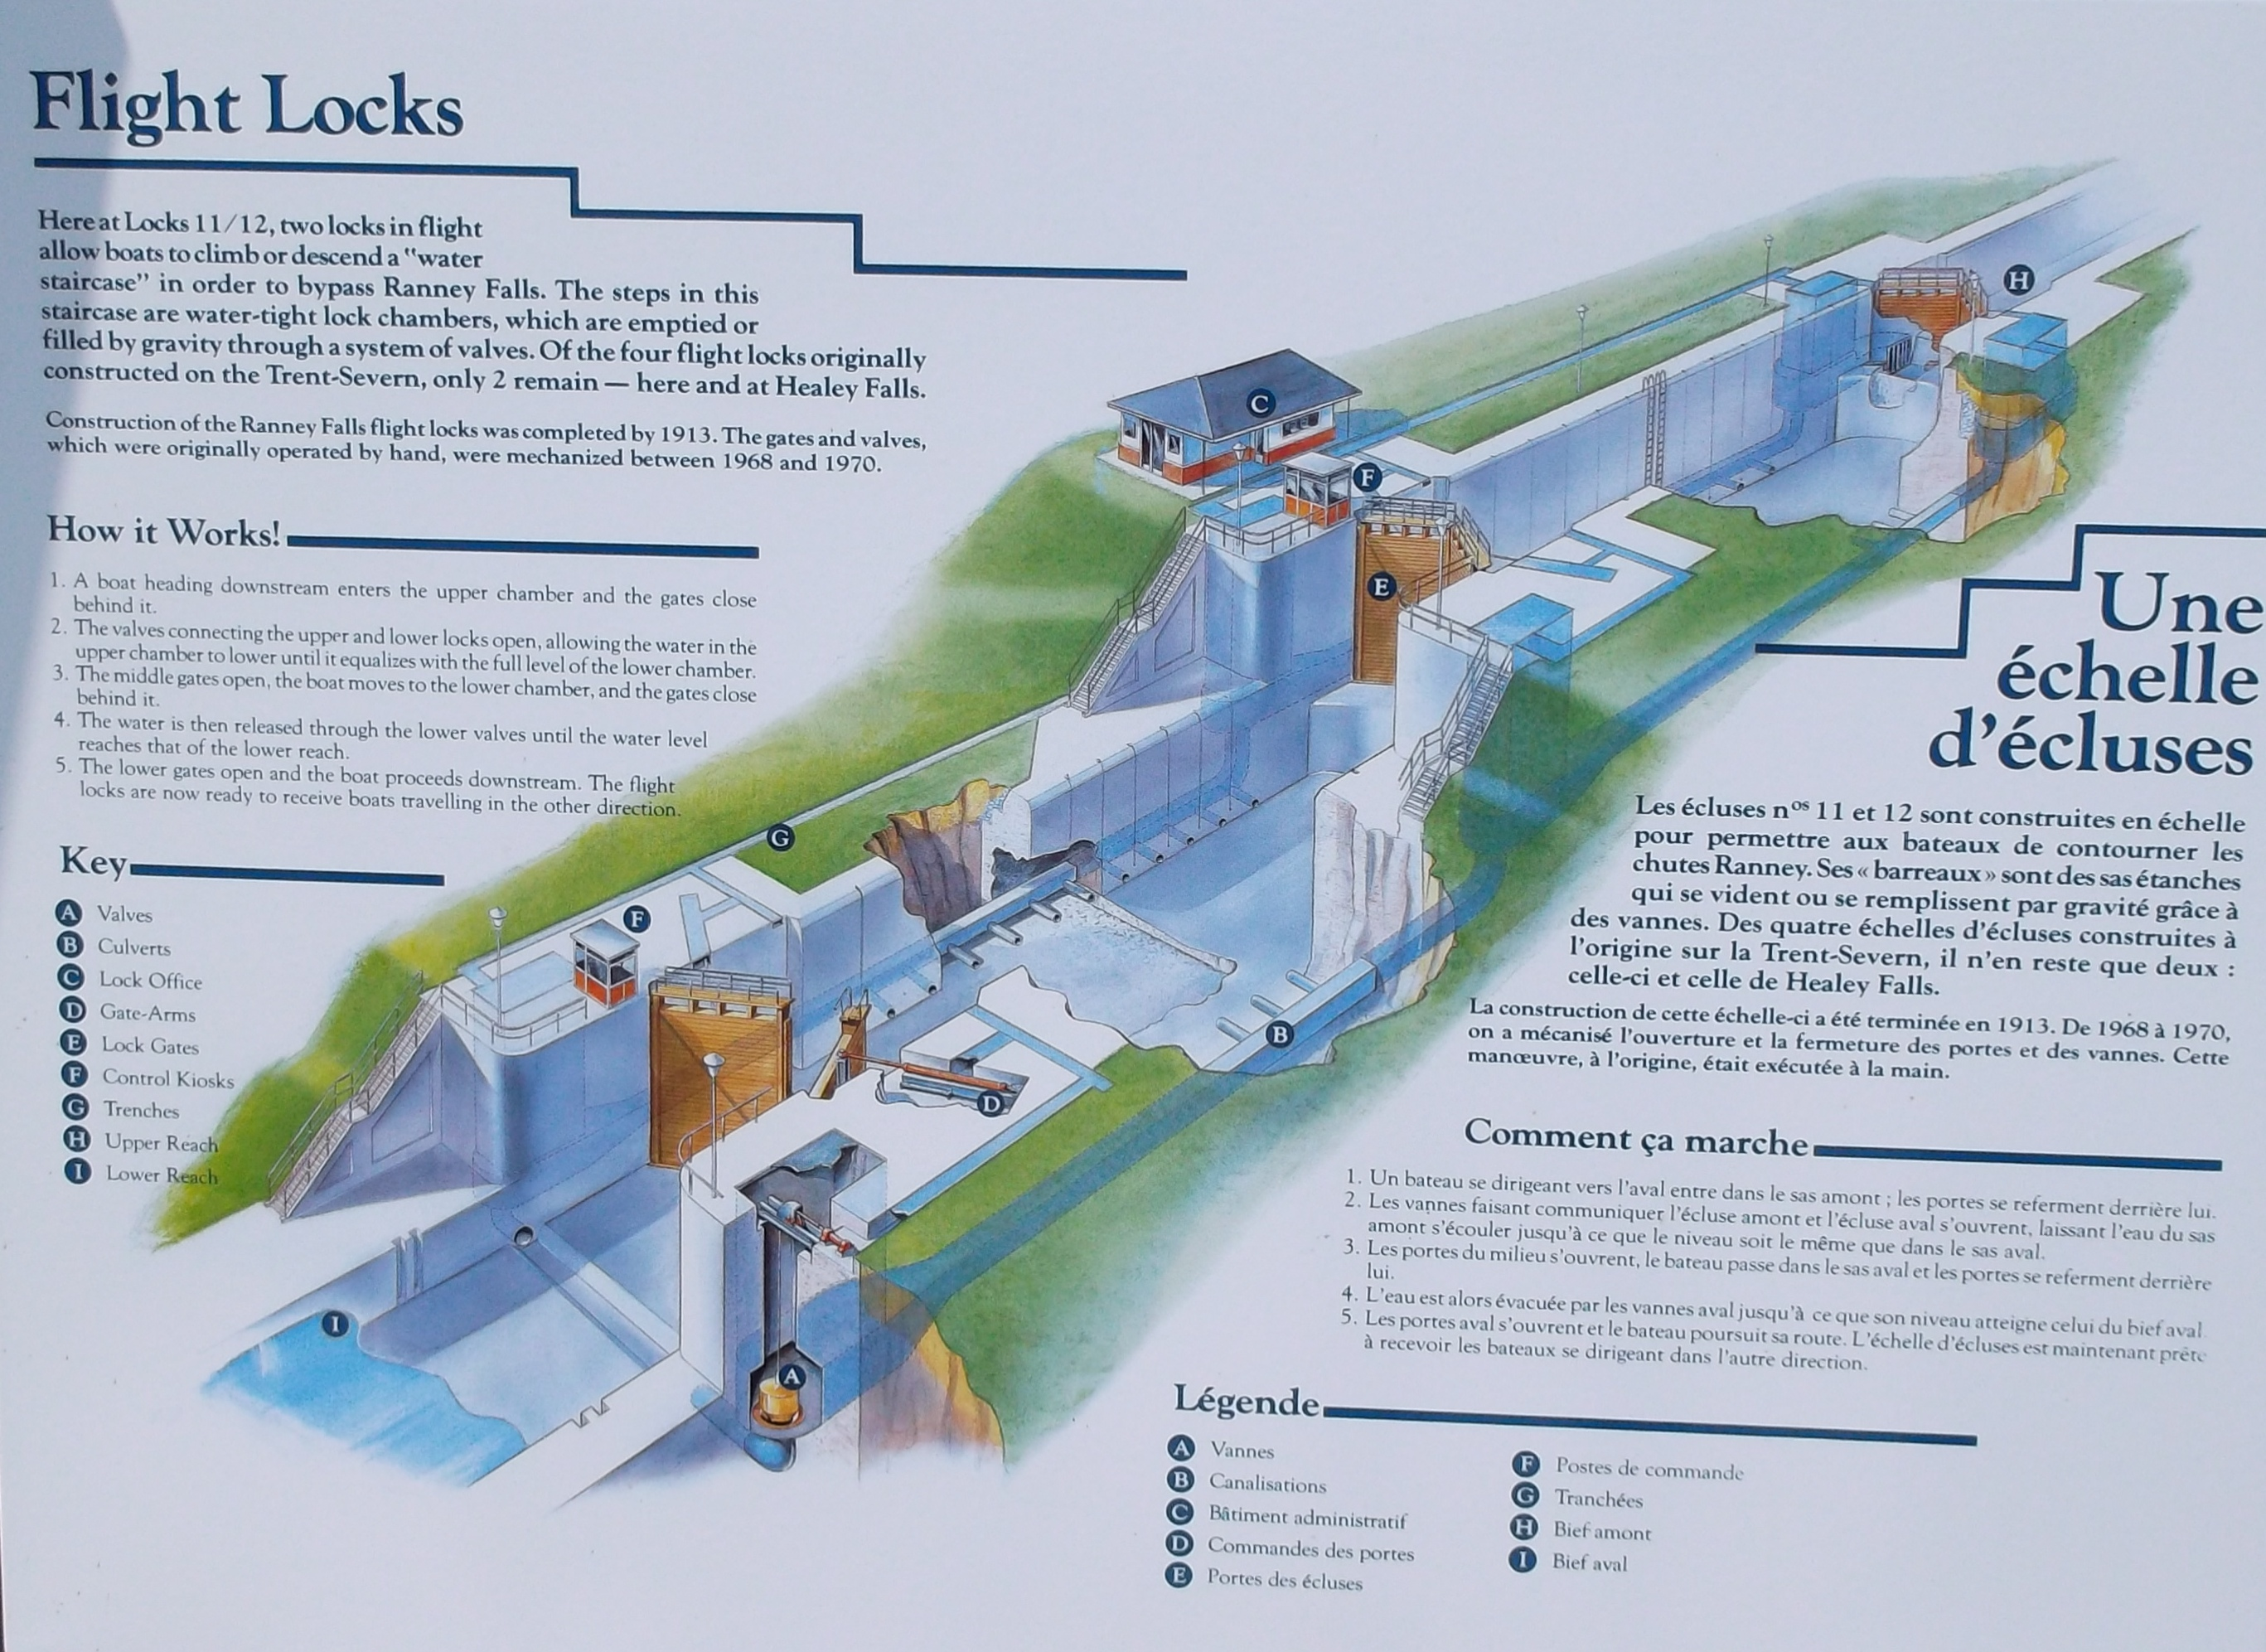 Plackard for Locks